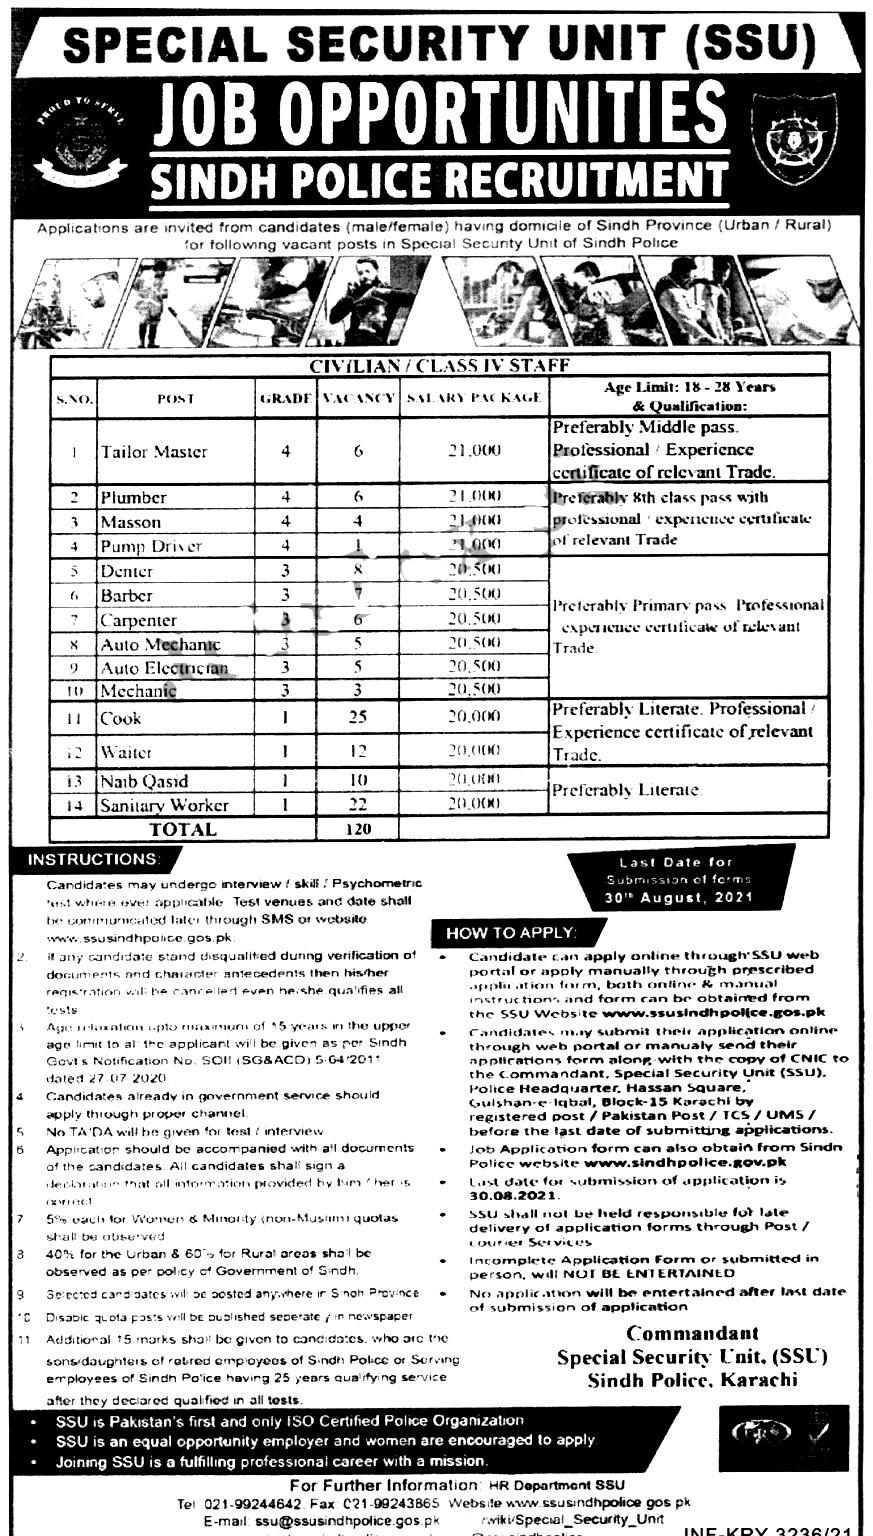 Sindh Police Special Security Unit SSU Jobs 2021